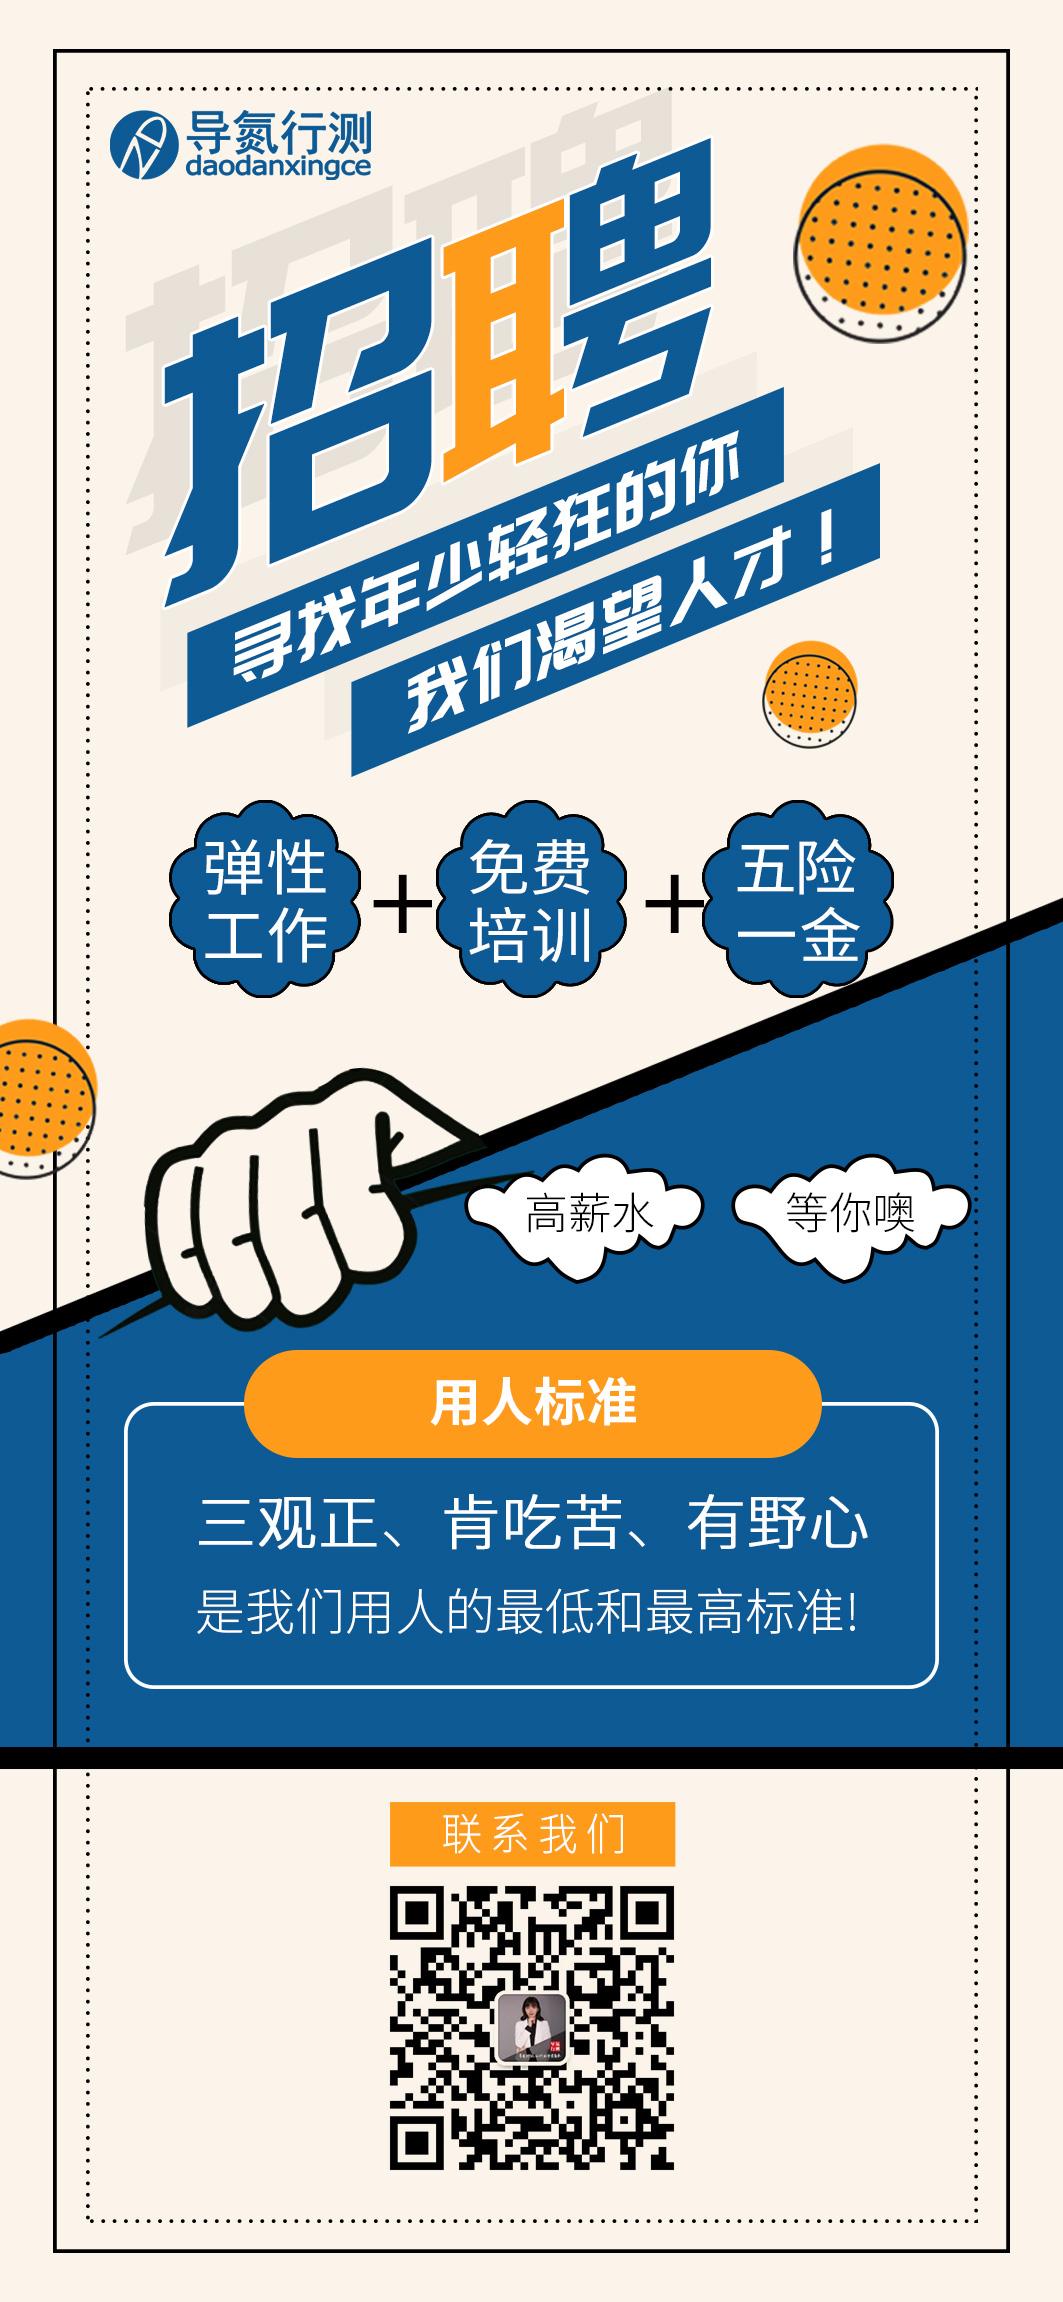 招聘长图首屏13.jpg